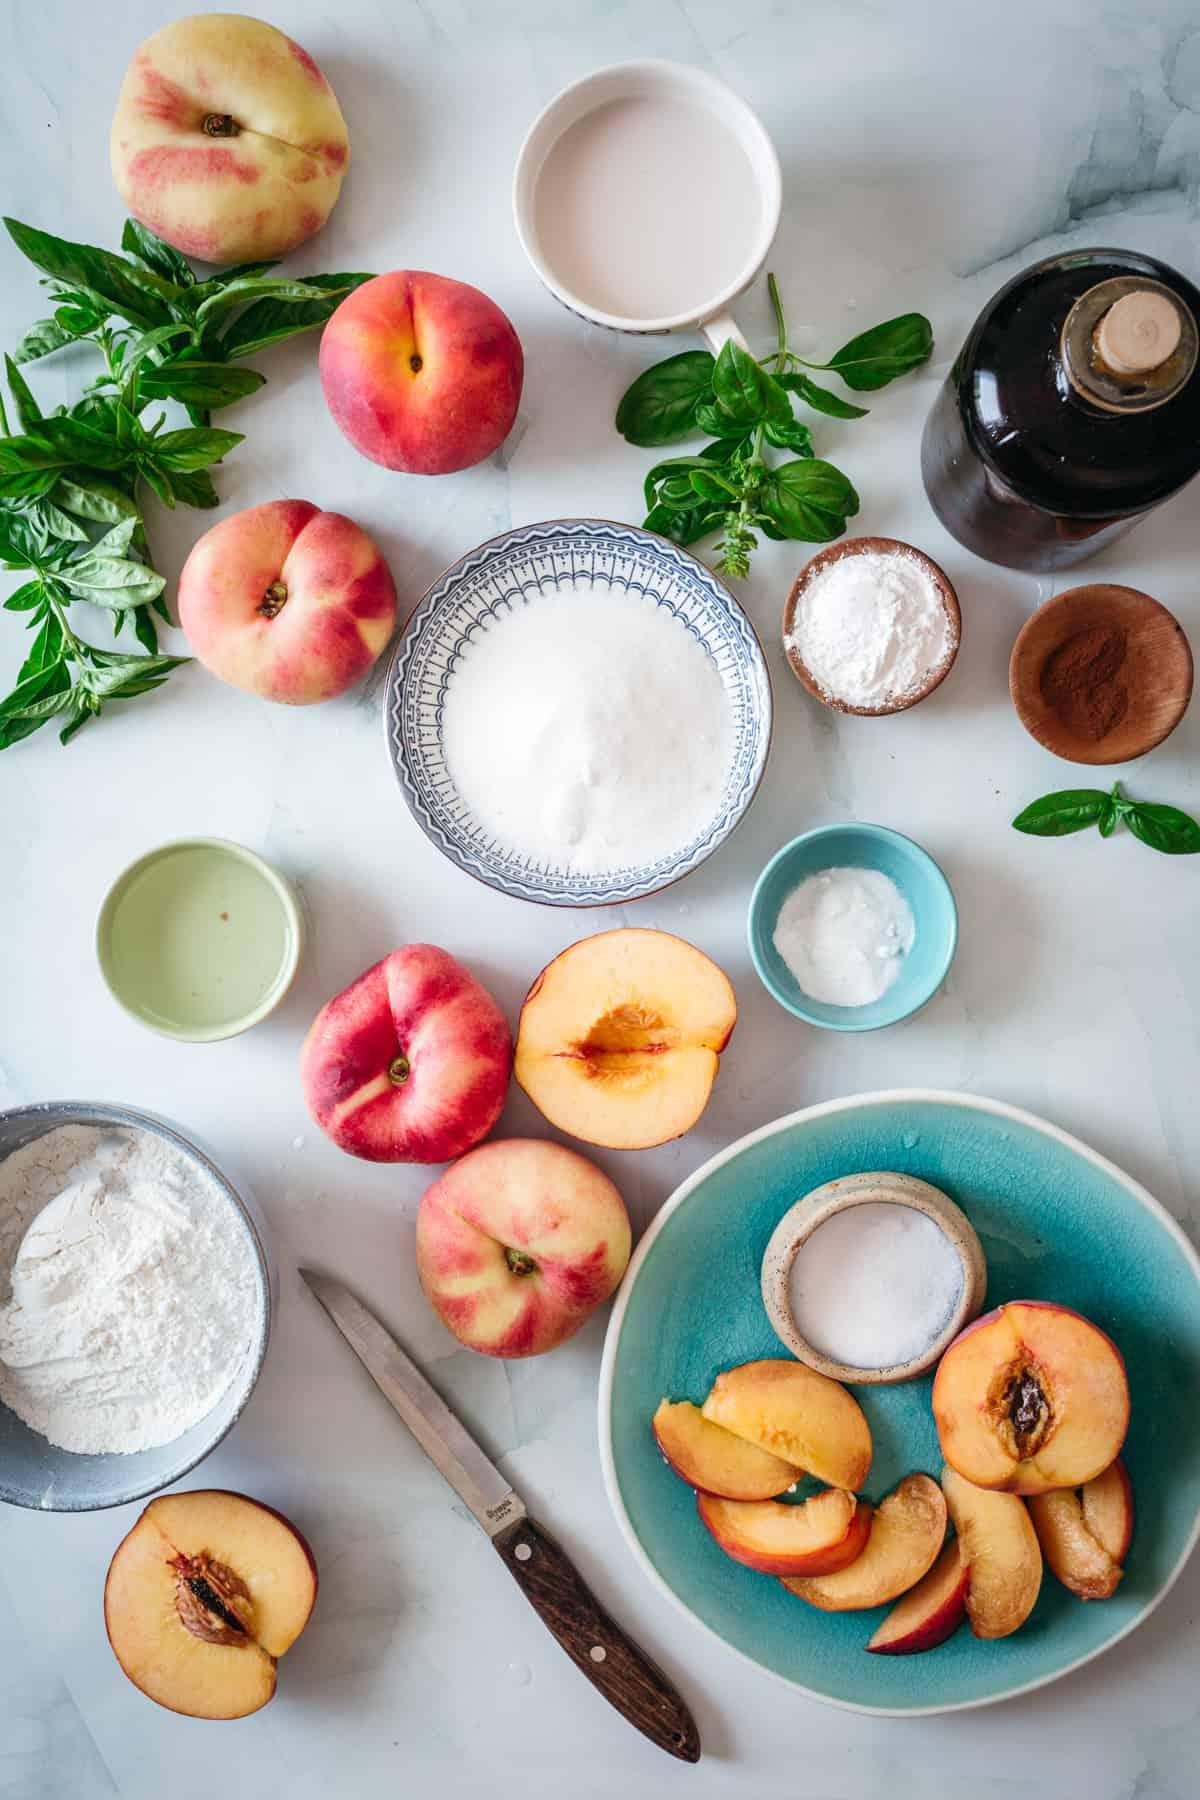 ingredients for gluten free peach cobbler